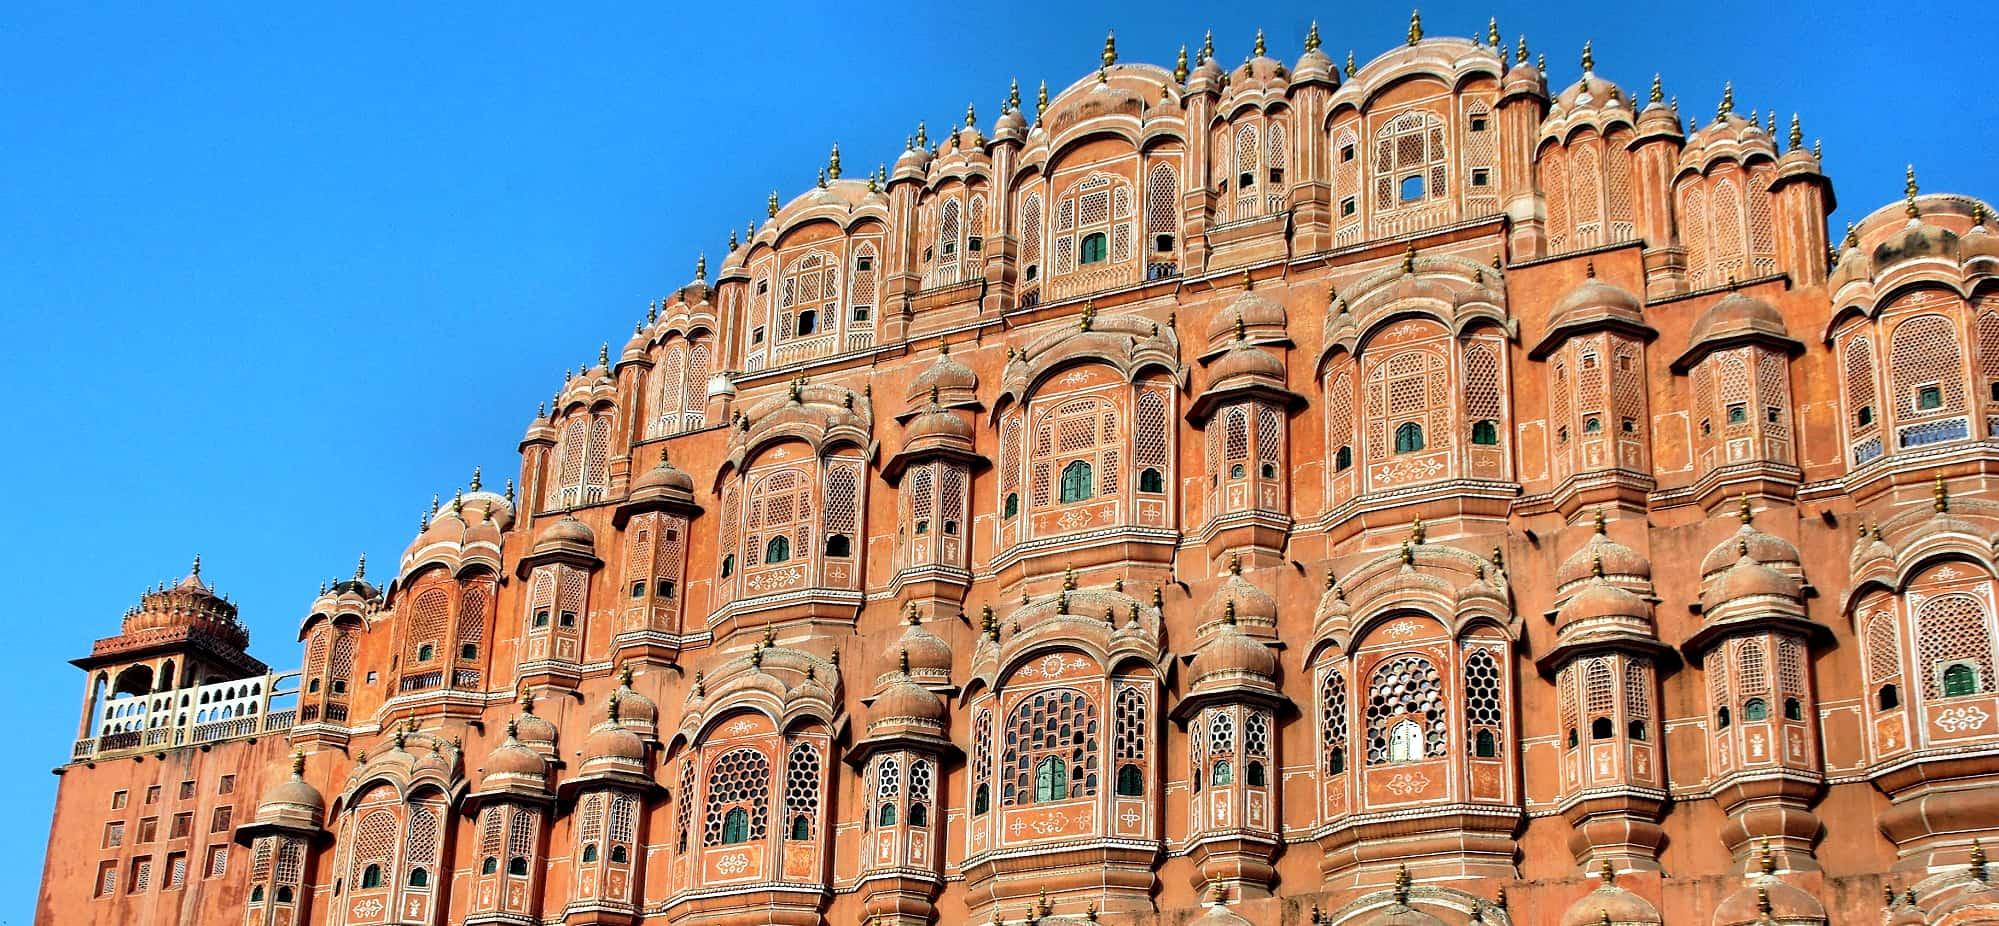 Palácio dos Ventos, Jaipur, India